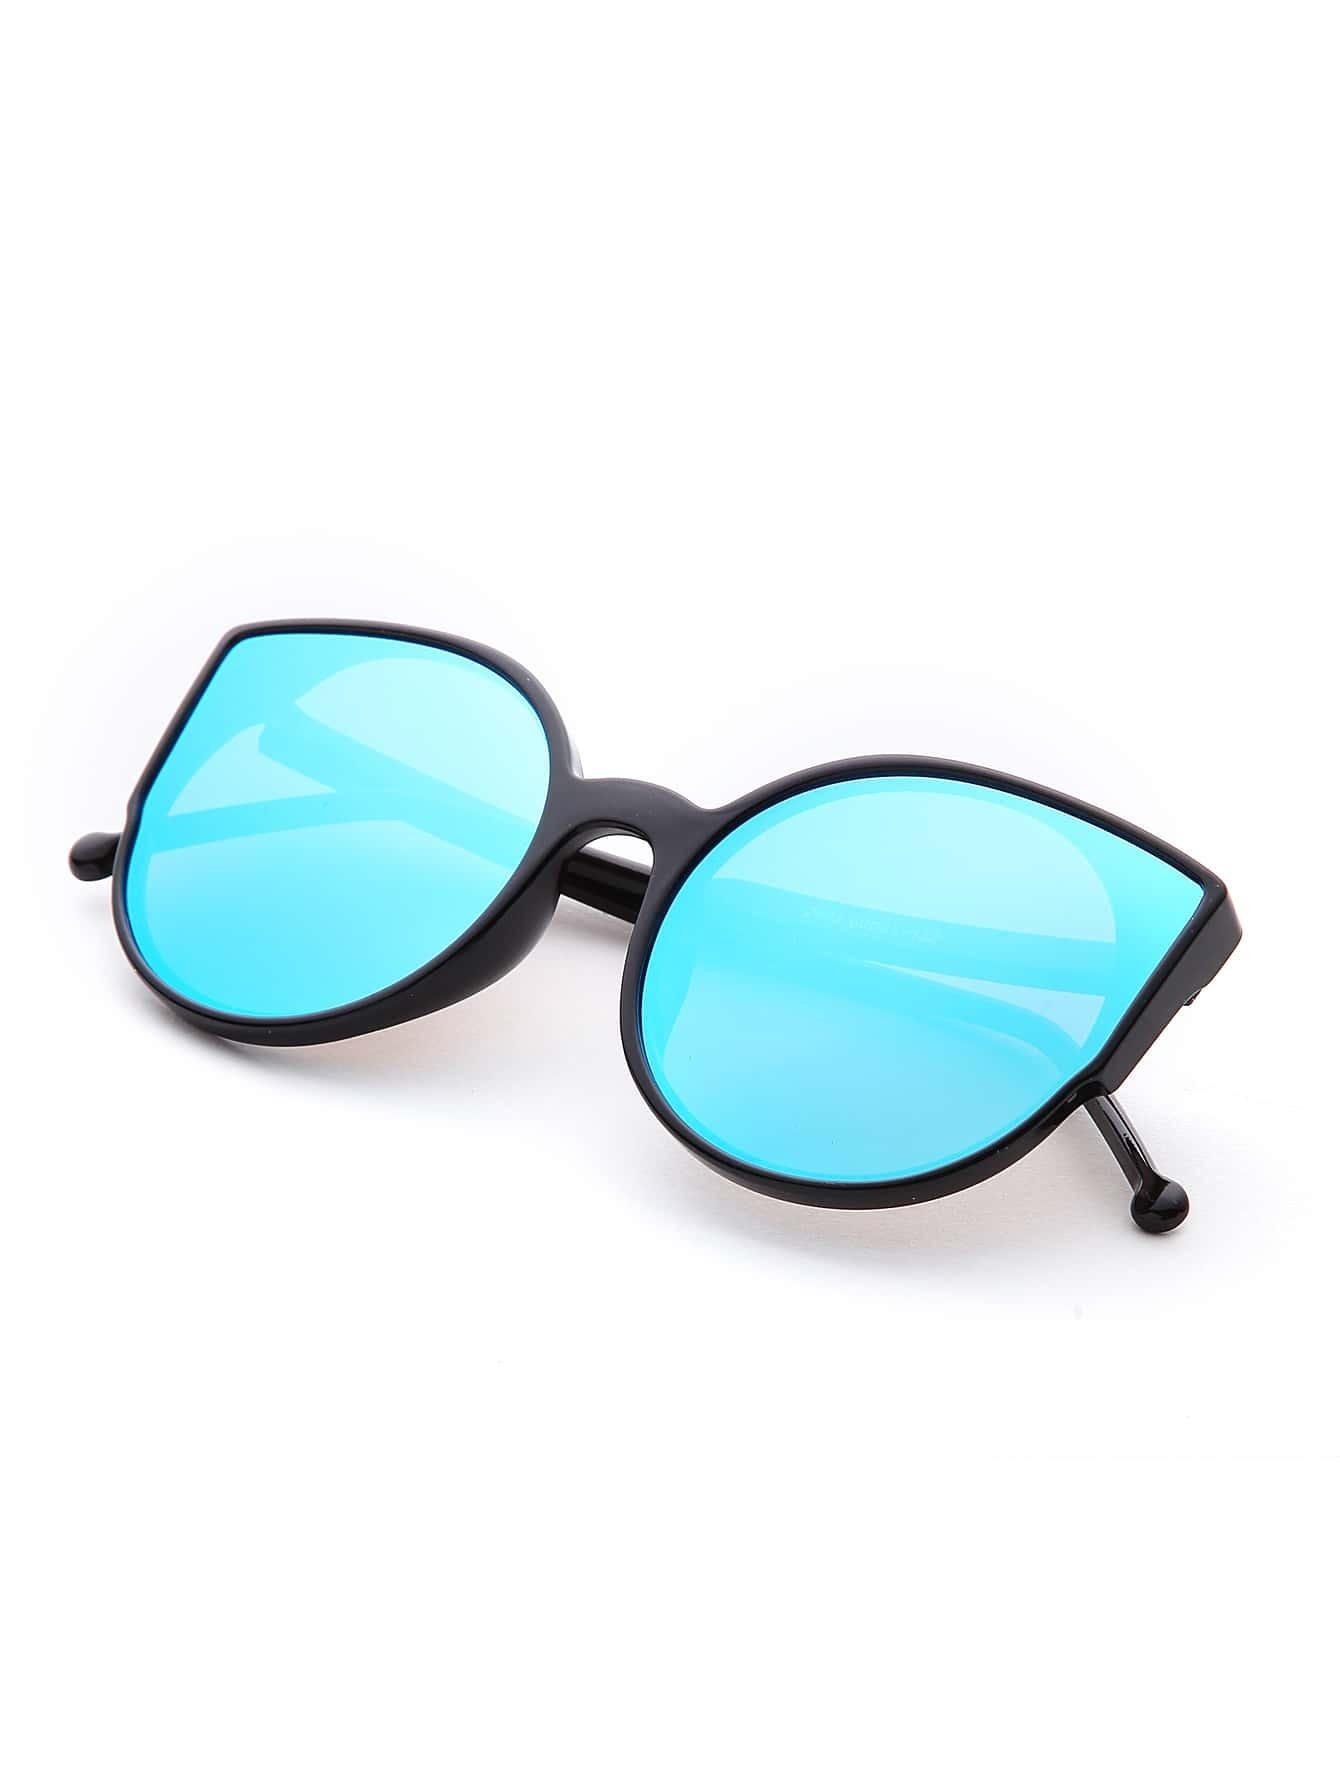 black frame blue lens katze auge sonnenbrille german romwe. Black Bedroom Furniture Sets. Home Design Ideas